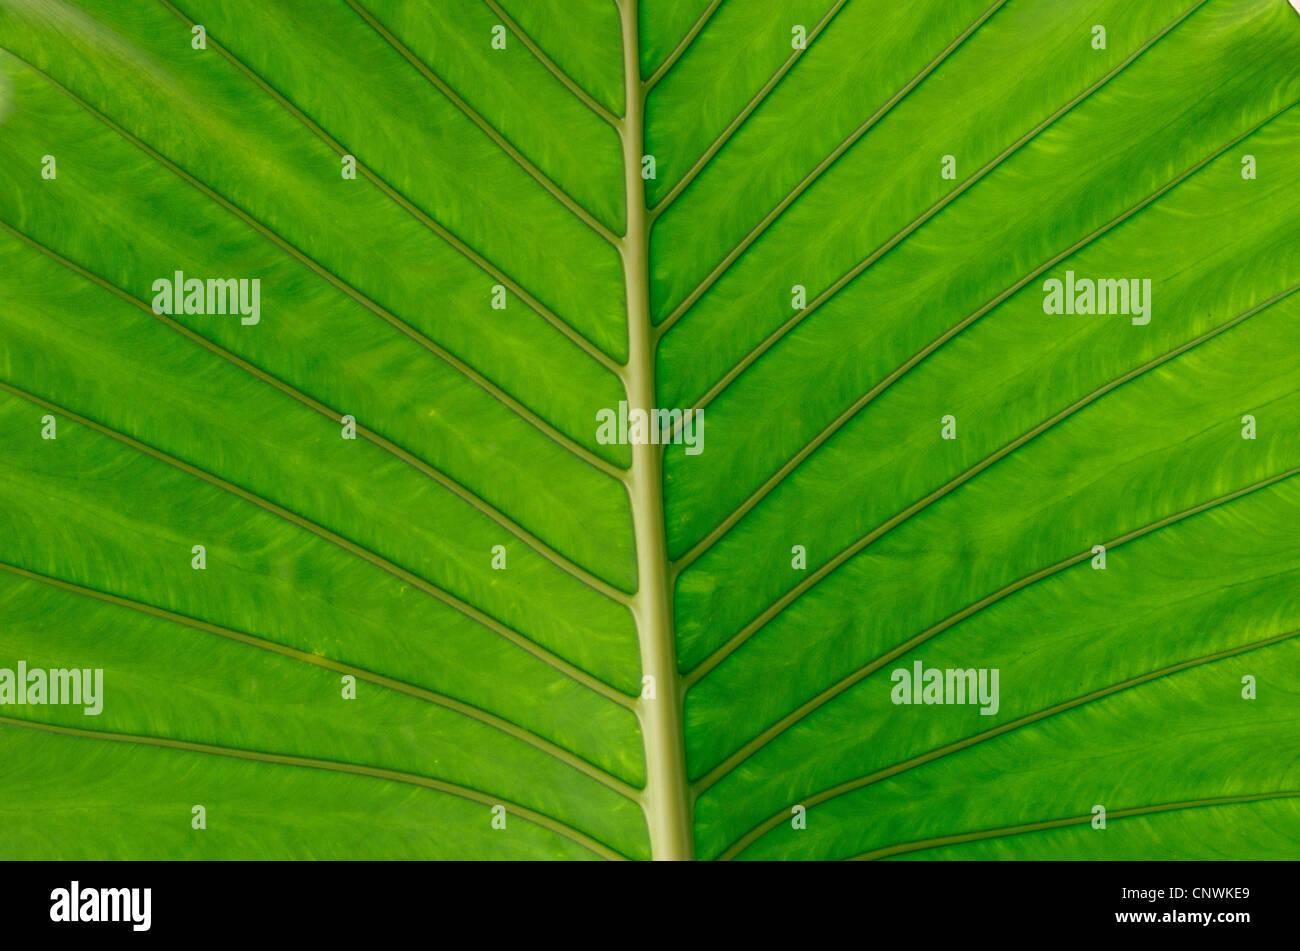 La tessitura di una foglia verde come sfondo Immagini Stock